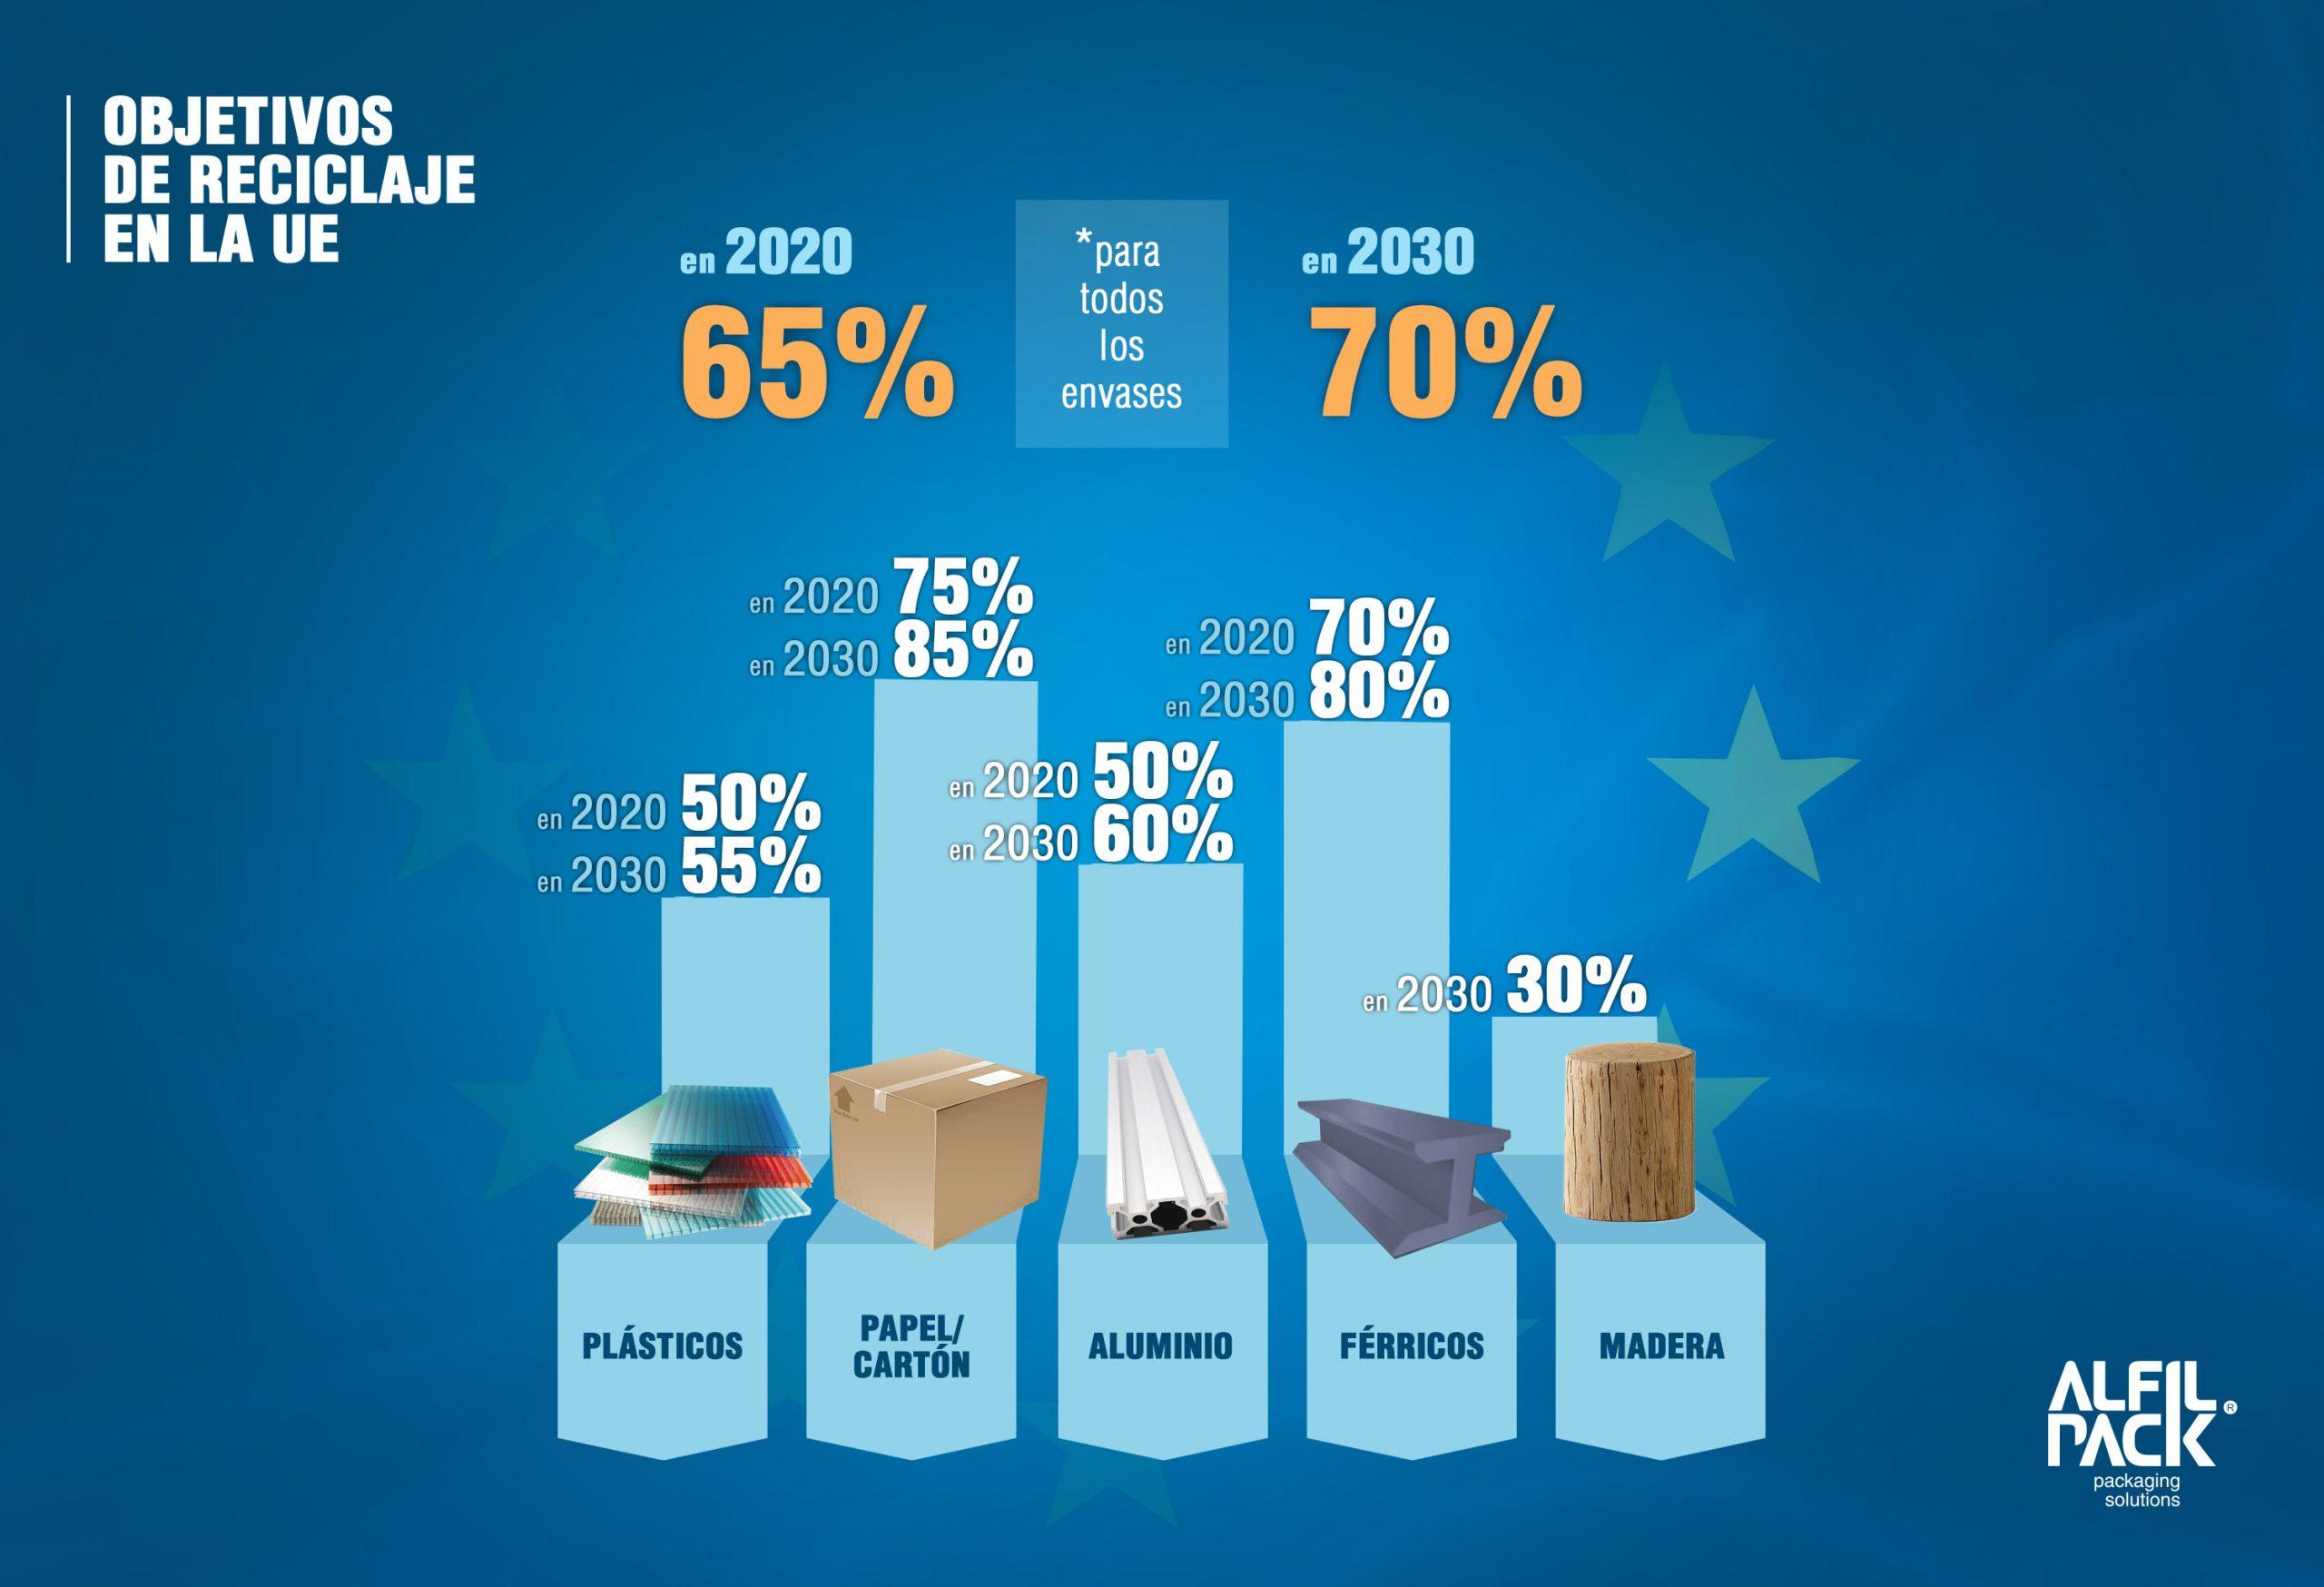 Objetivos de reciclaje en la UE